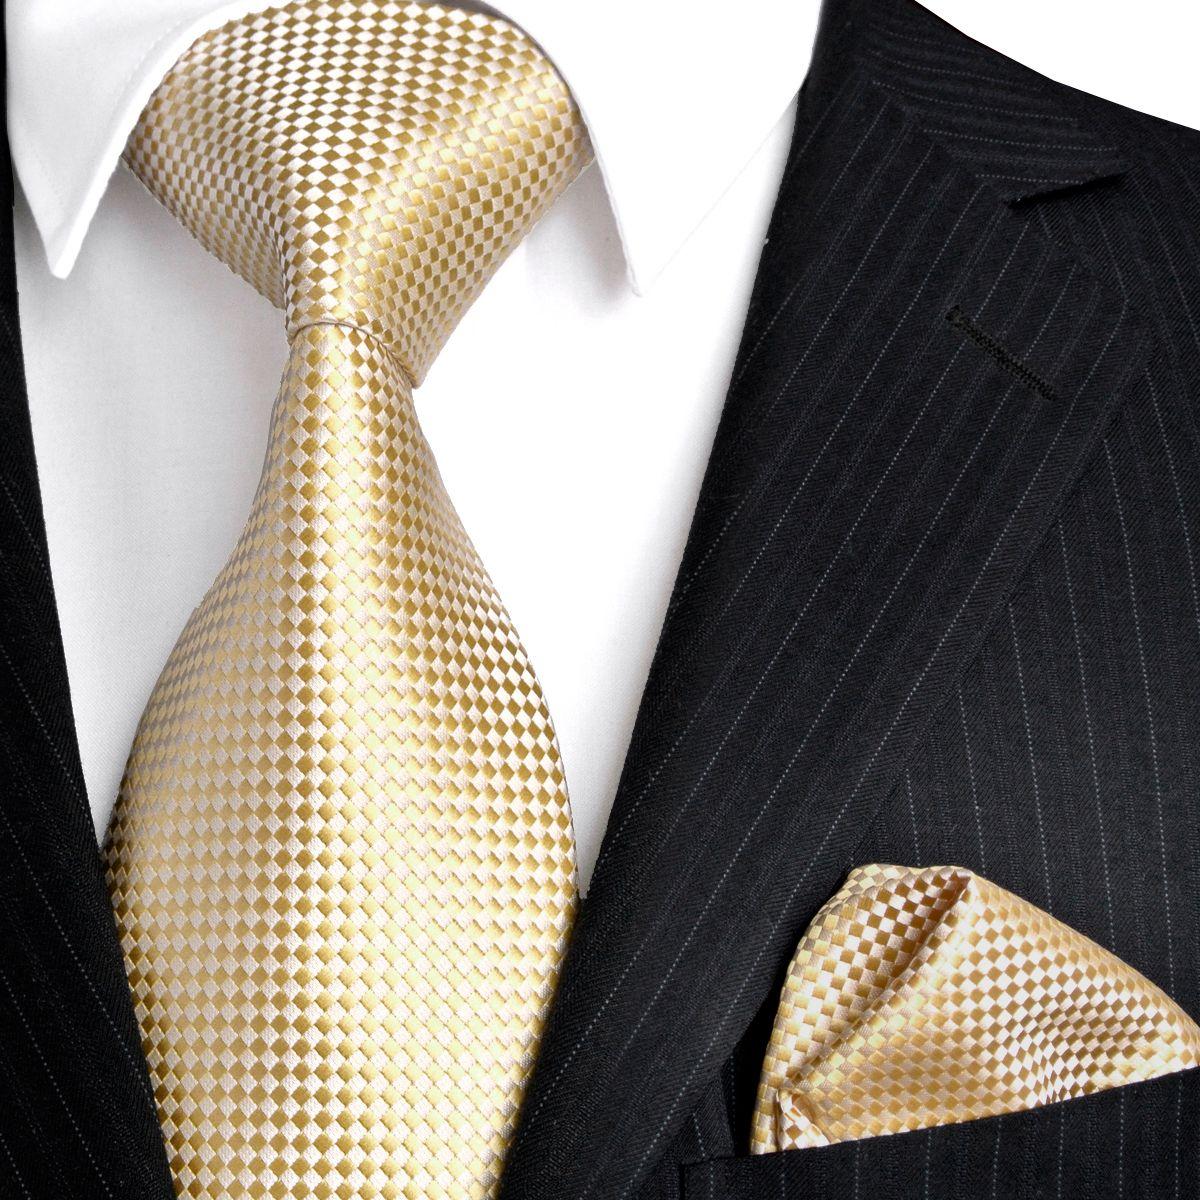 تم الفحص F15 الذهب الأصفر الفضة الصلبة الرجال ربطات عنق 100٪ الحرير الجاكار المنسوجة التعادل مجموعة Handkerchieves البدلة هدية للرجال شحن مجاني